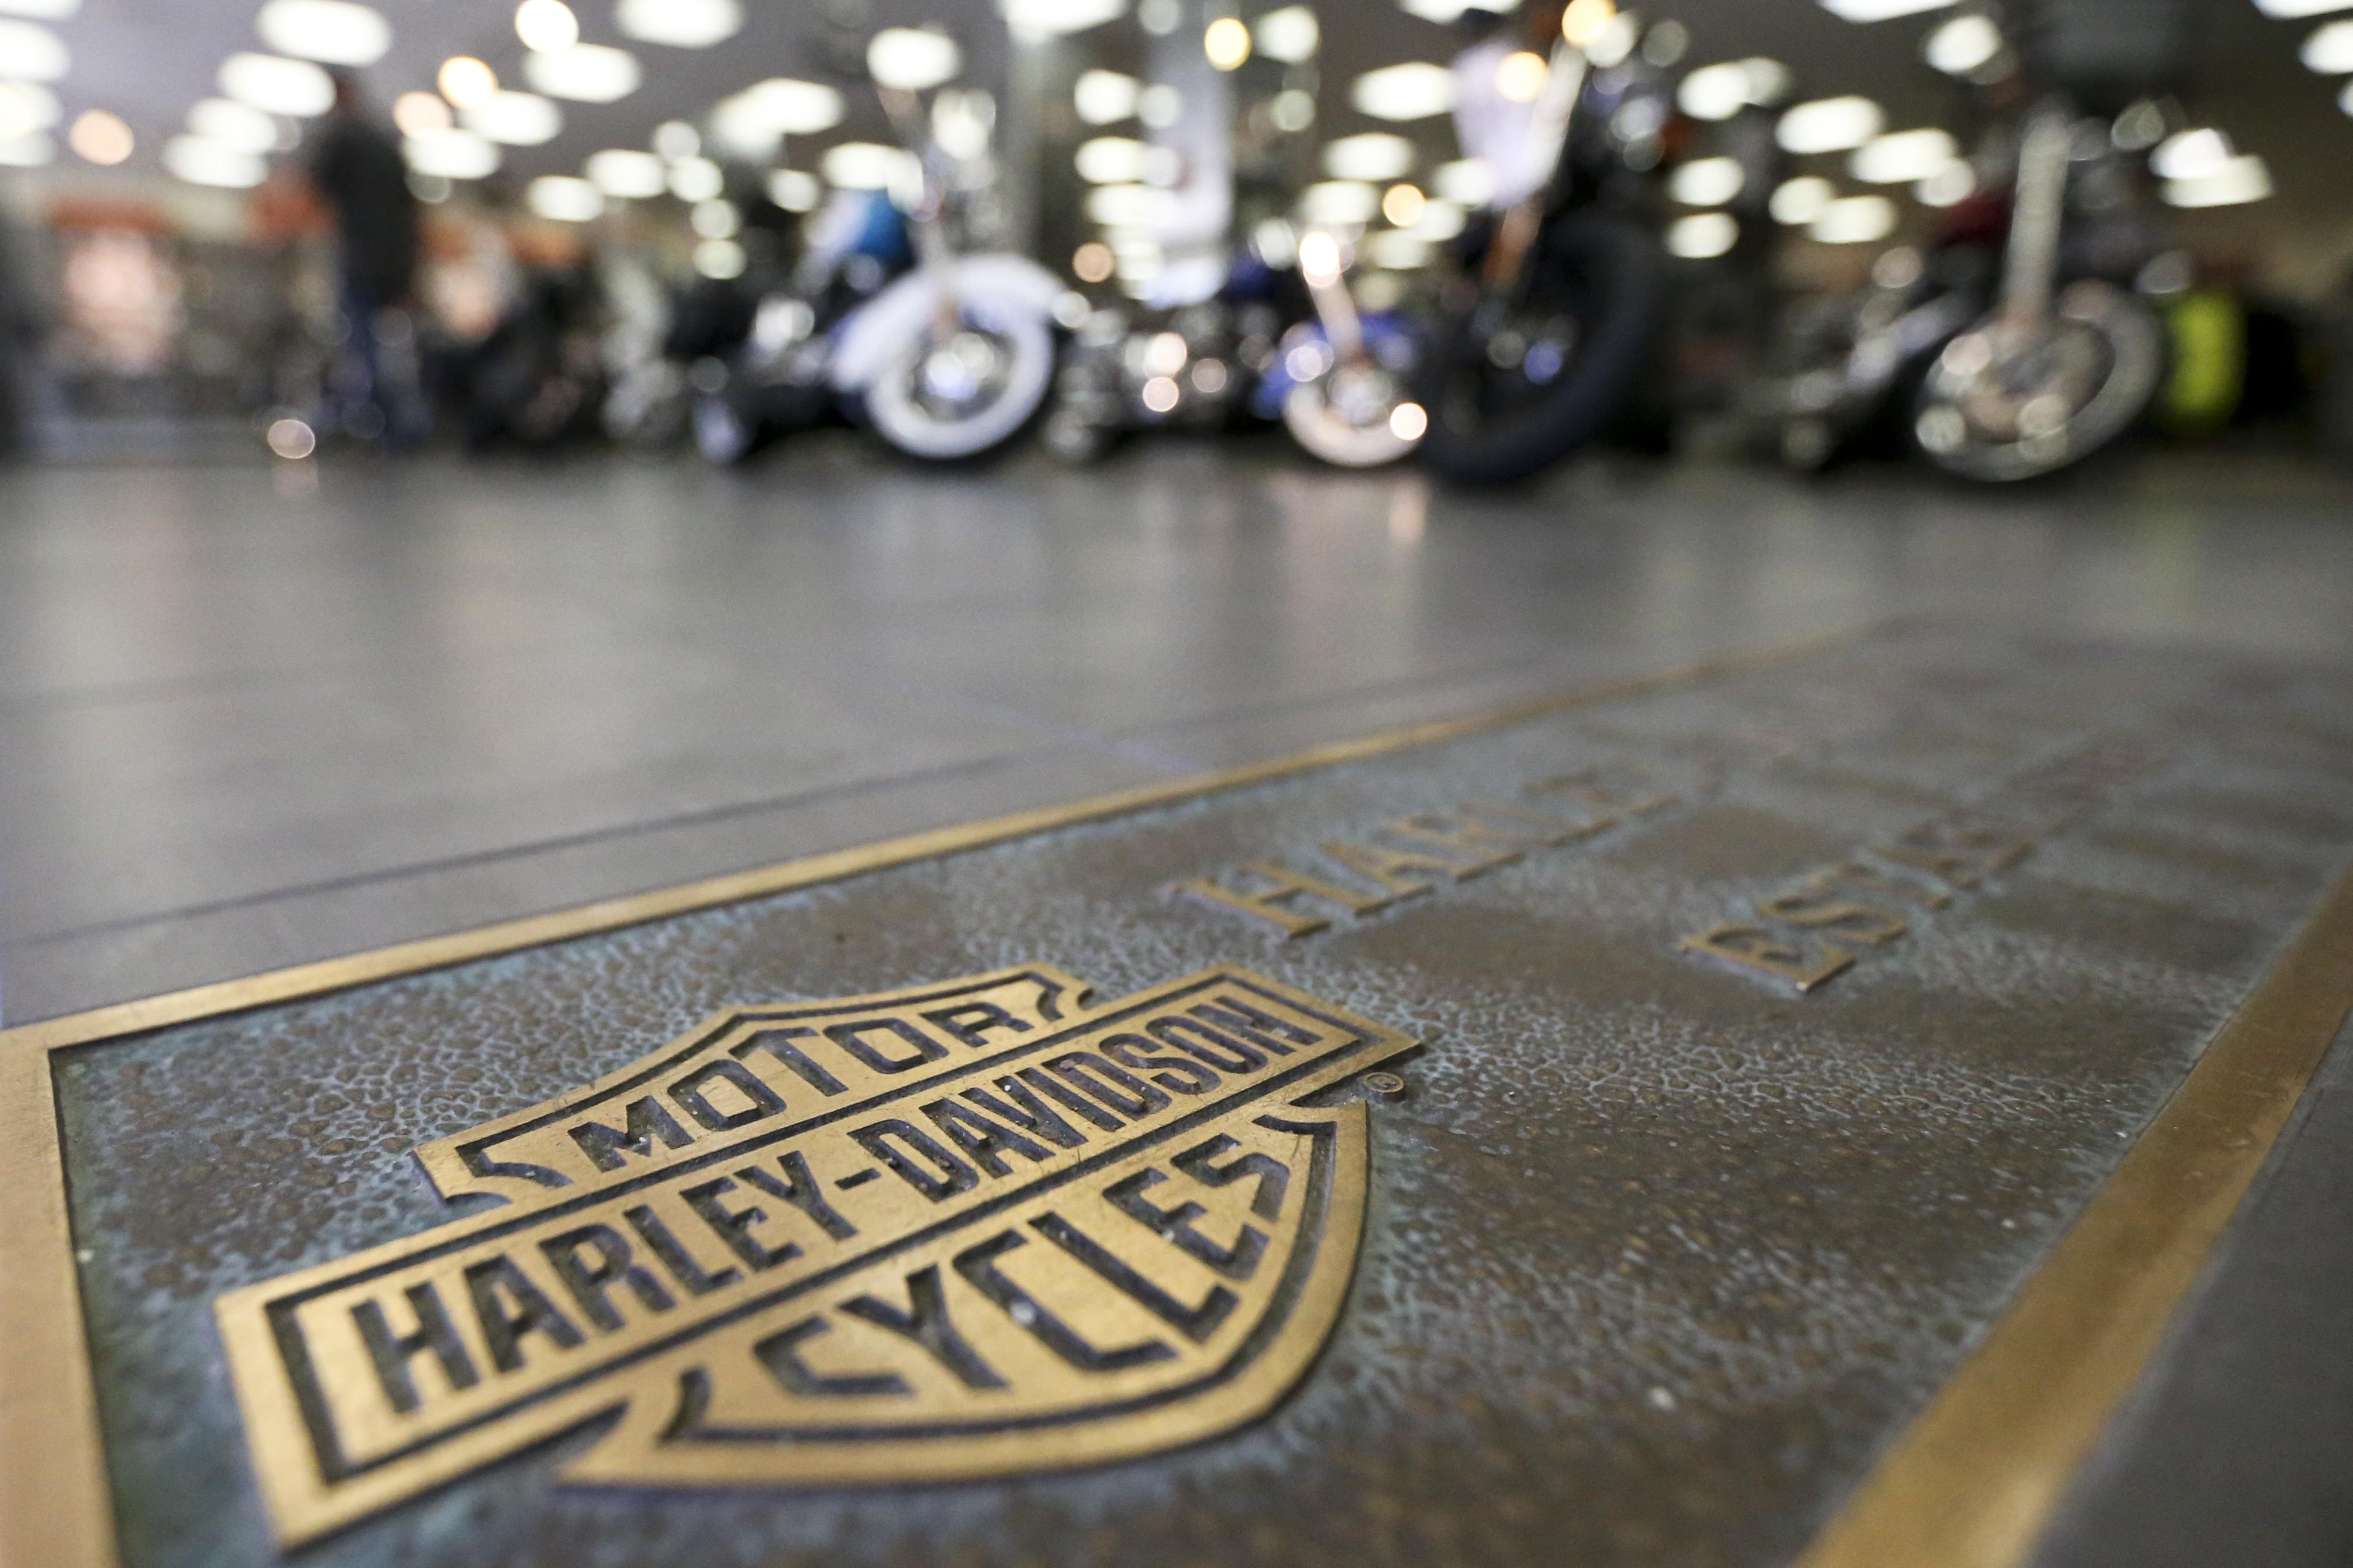 Harley-Davidson transferirá parte da produção para fora dos EUA por tarifas